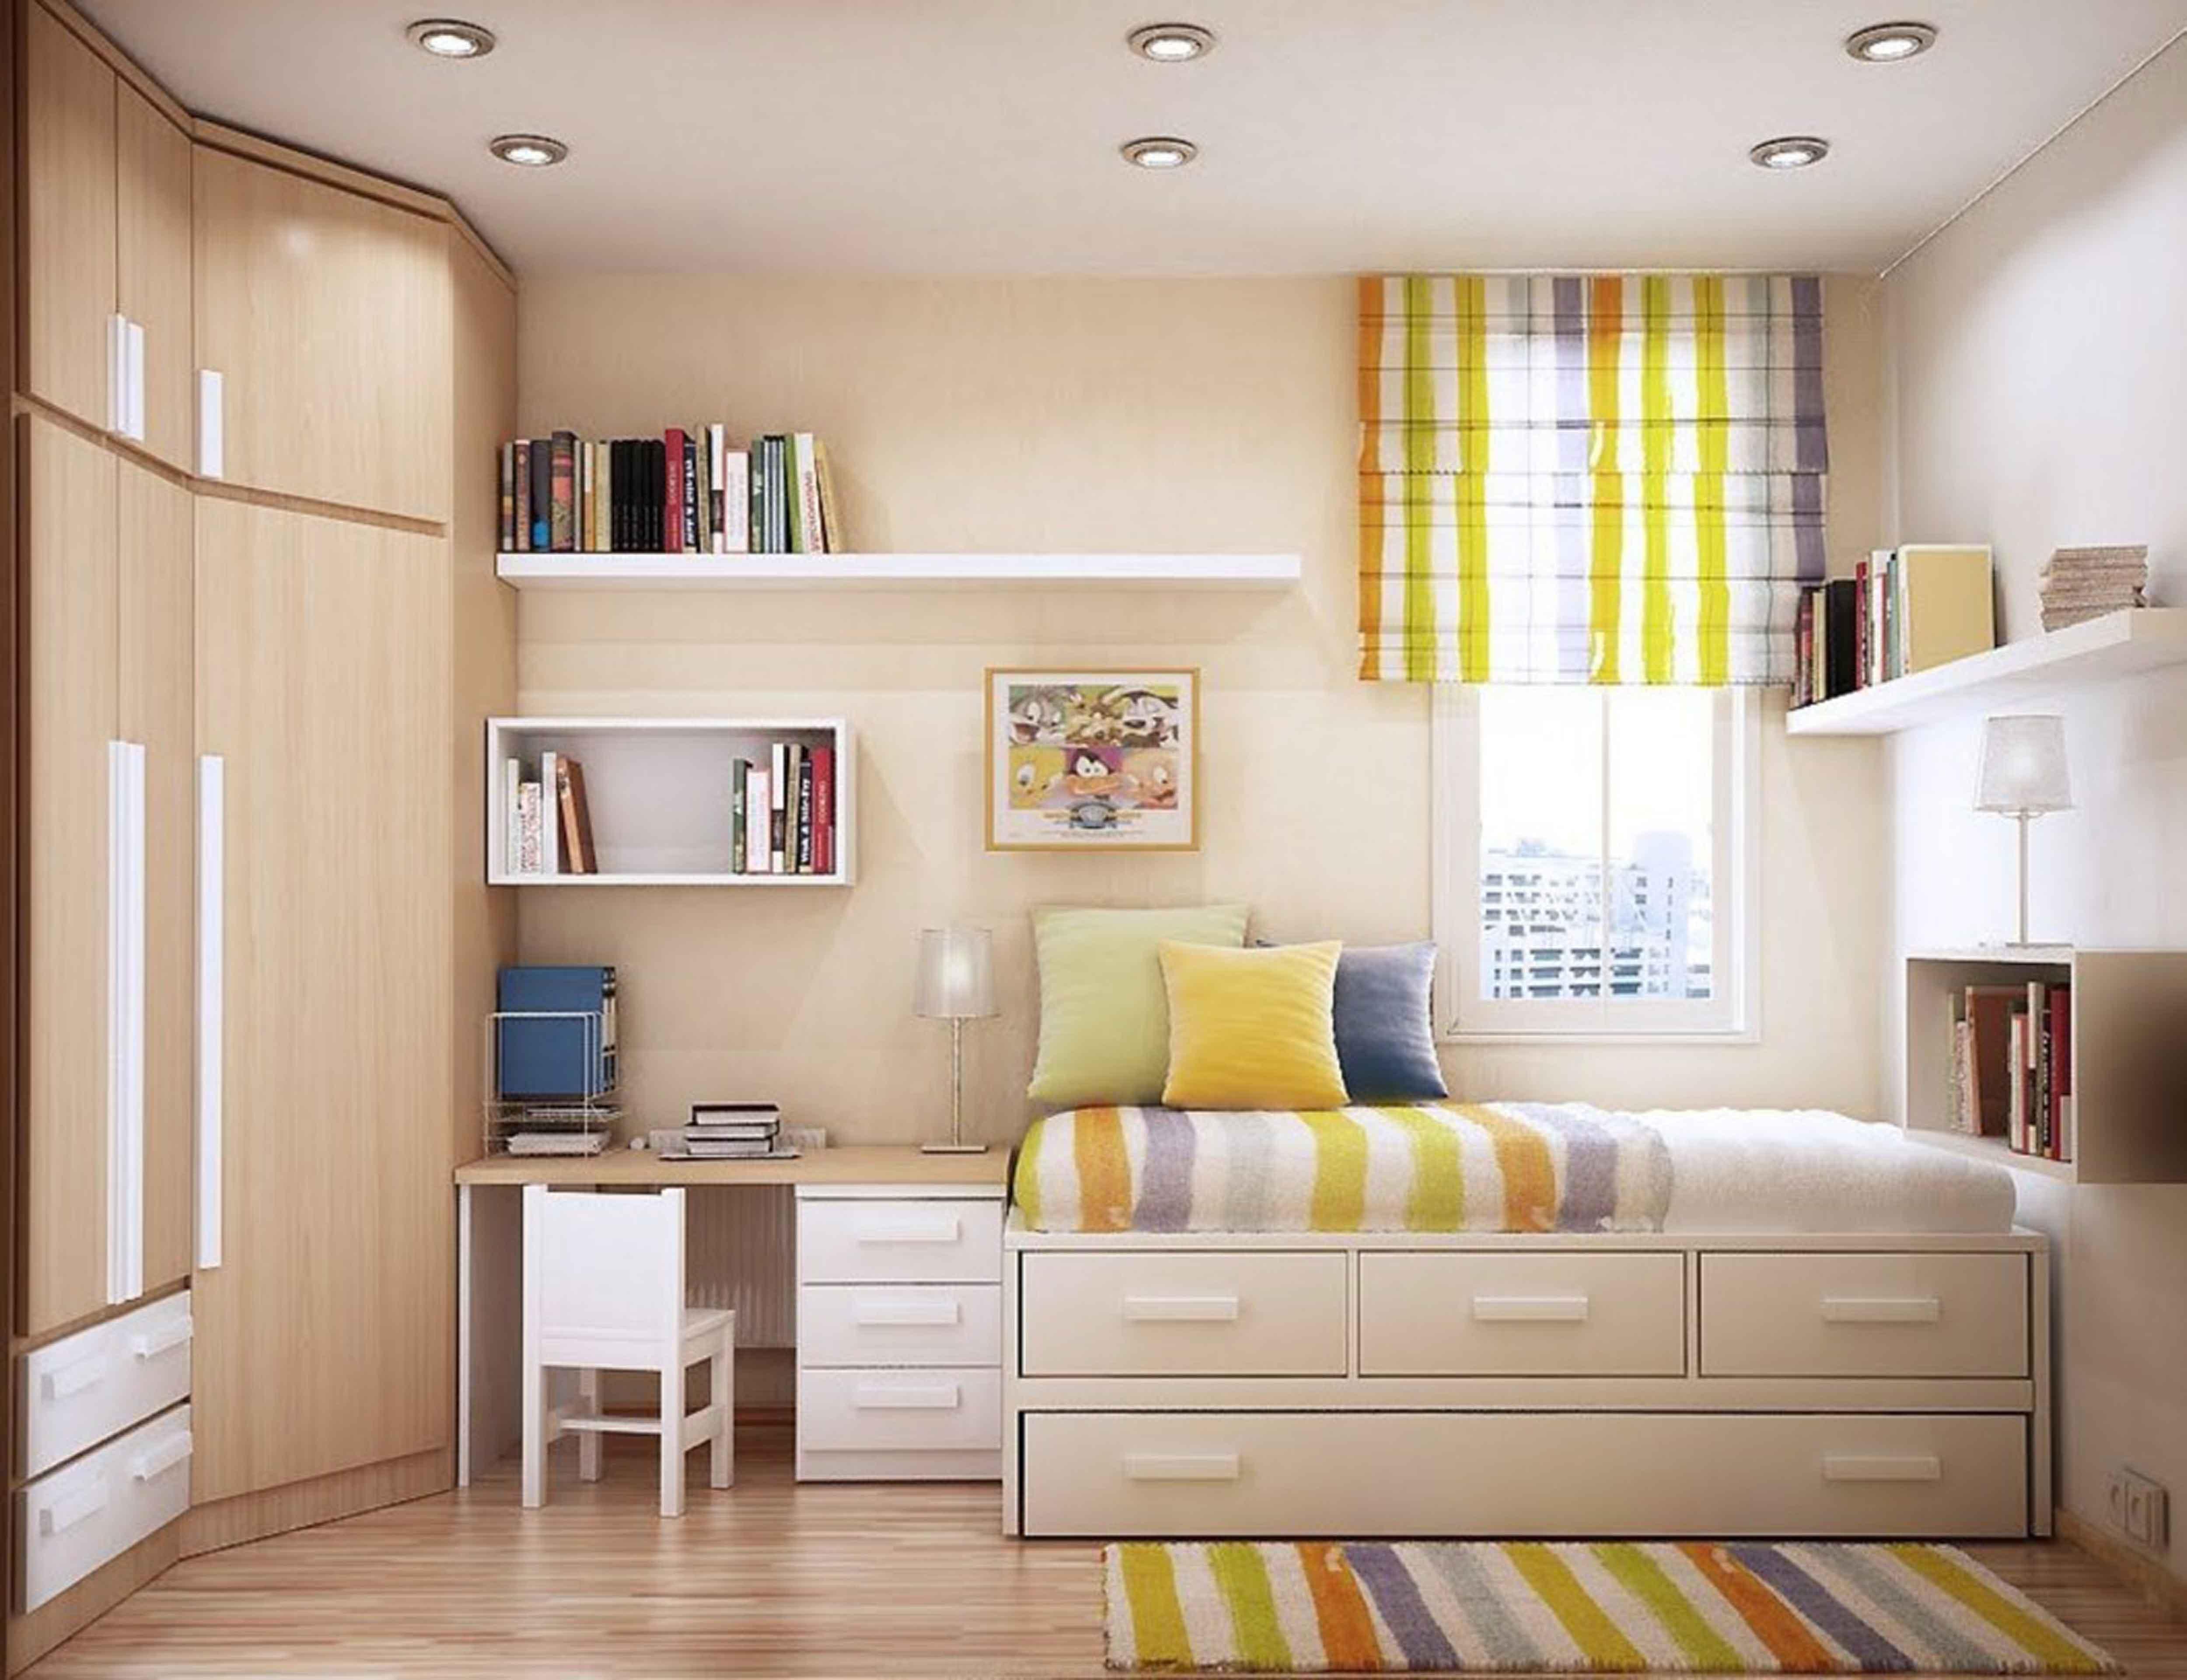 Как сделать расстановку мебели в детской комнате